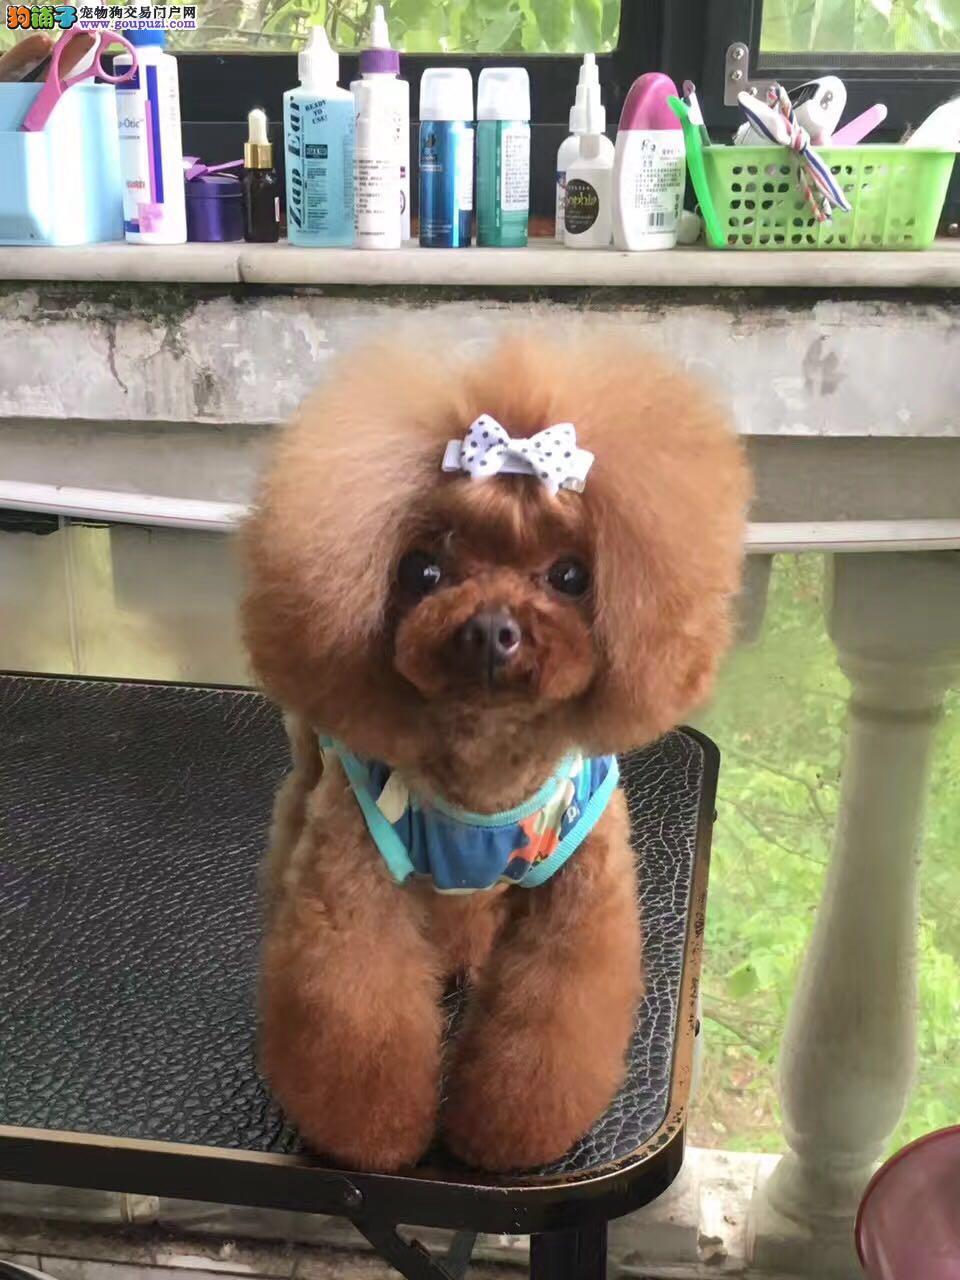 超级可爱的泰迪犬,公母都有,包纯种